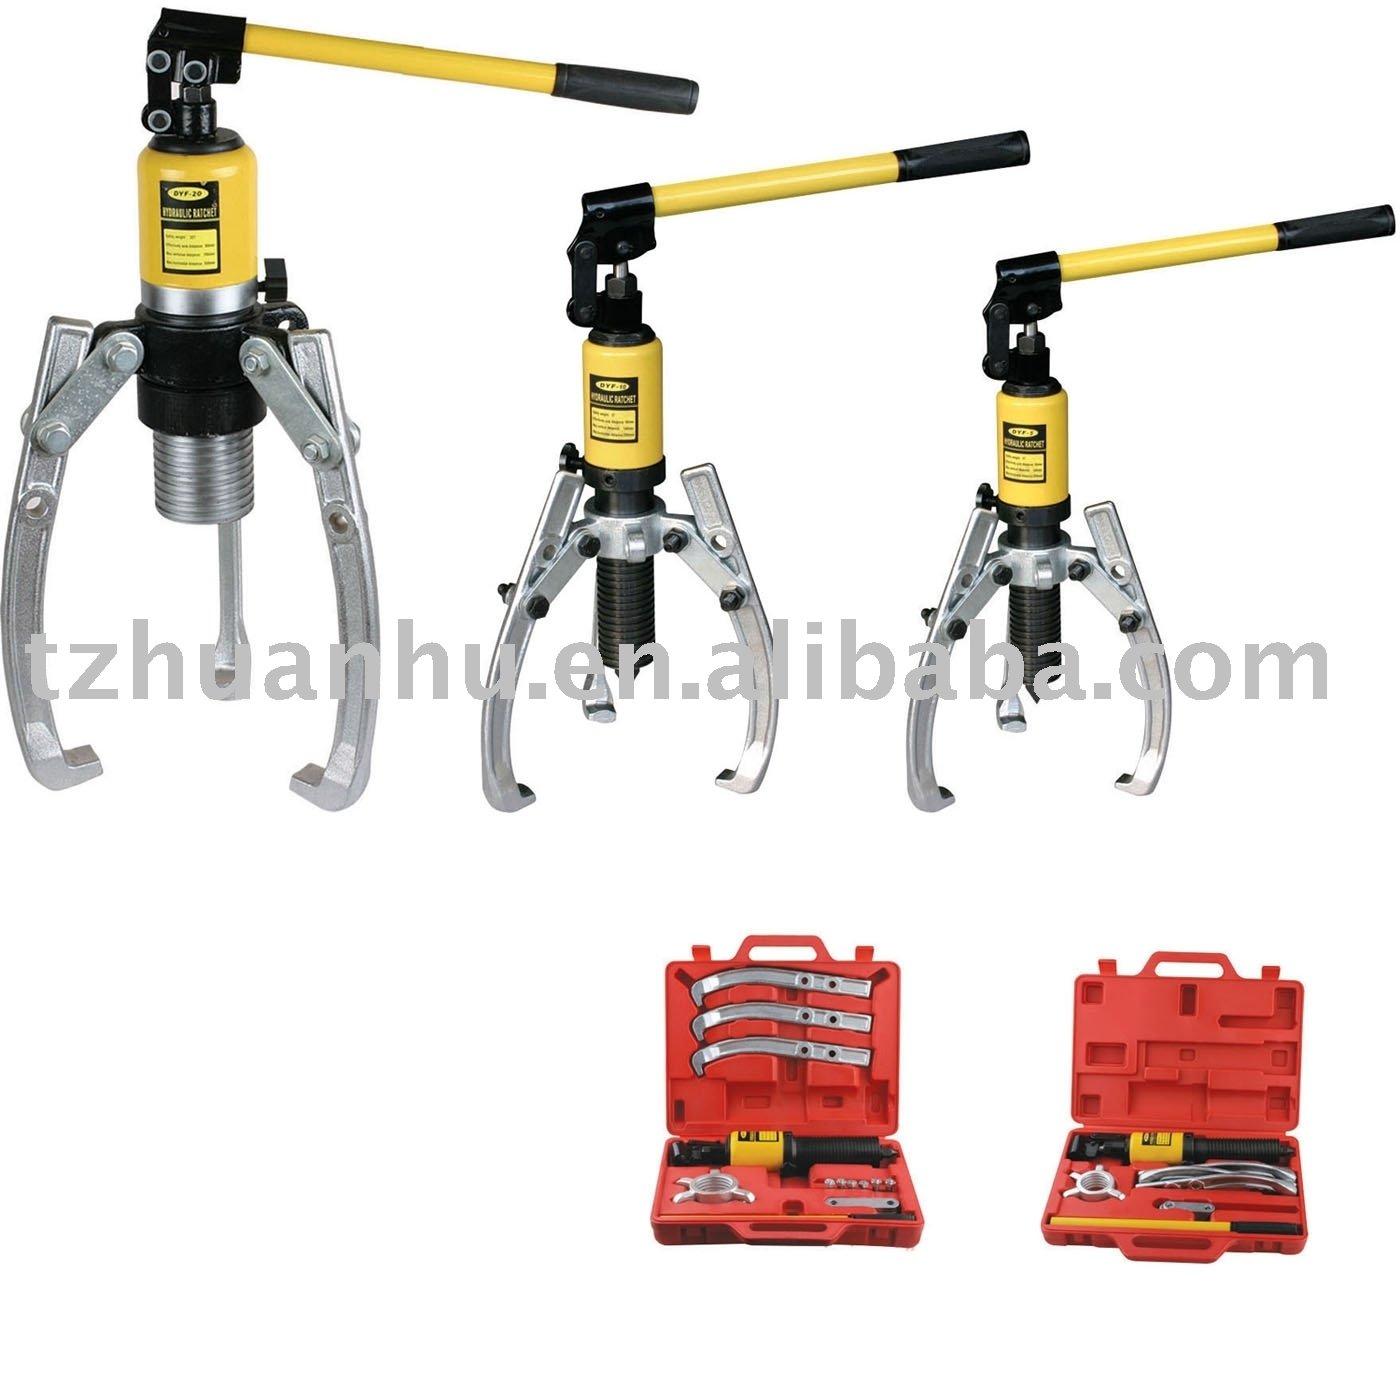 Hydraulic Bearing Puller Taparia : Extractores de rodamientos hidraulica herramientas